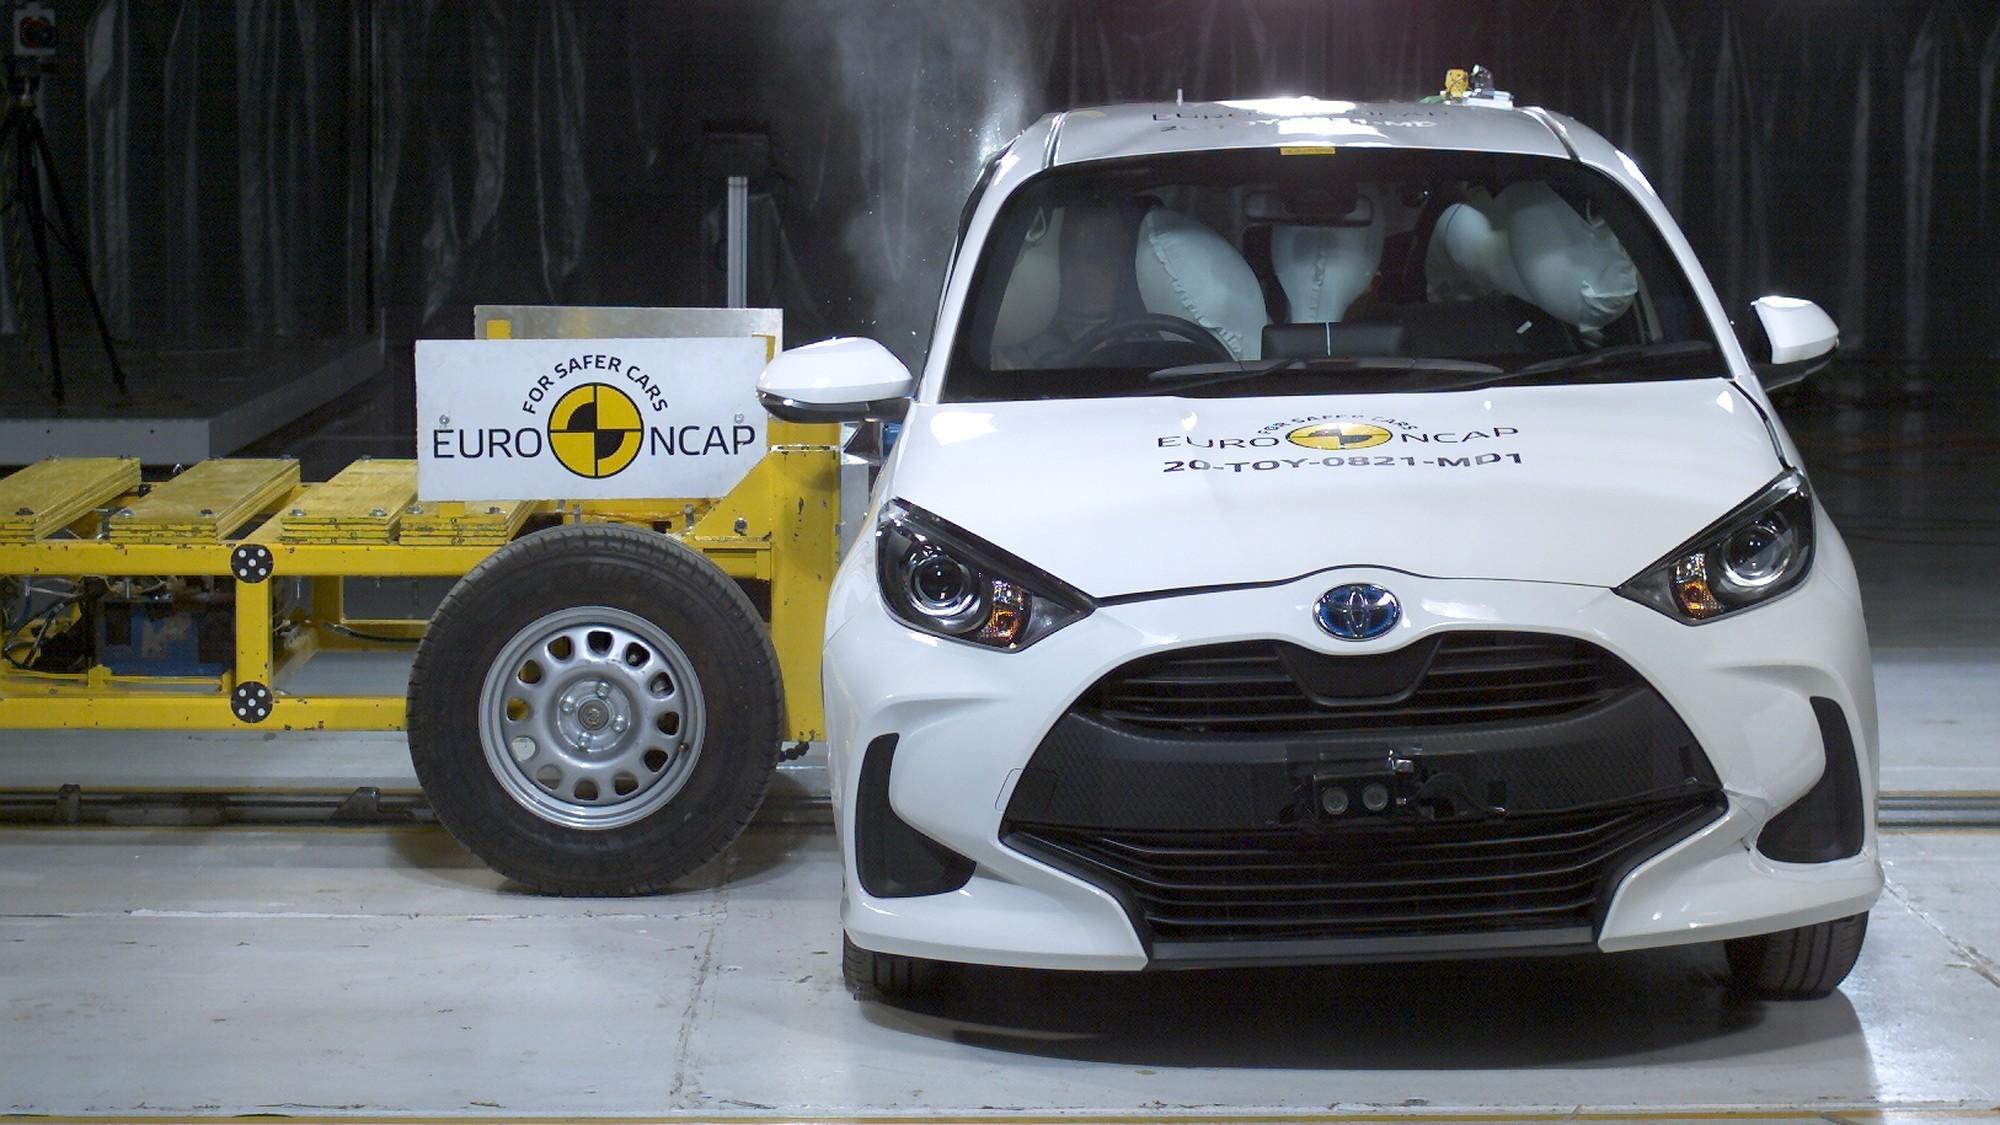 Toyota Yaris в новой программе Euro NCAP: встречка далась тяжёло, но выжить можно